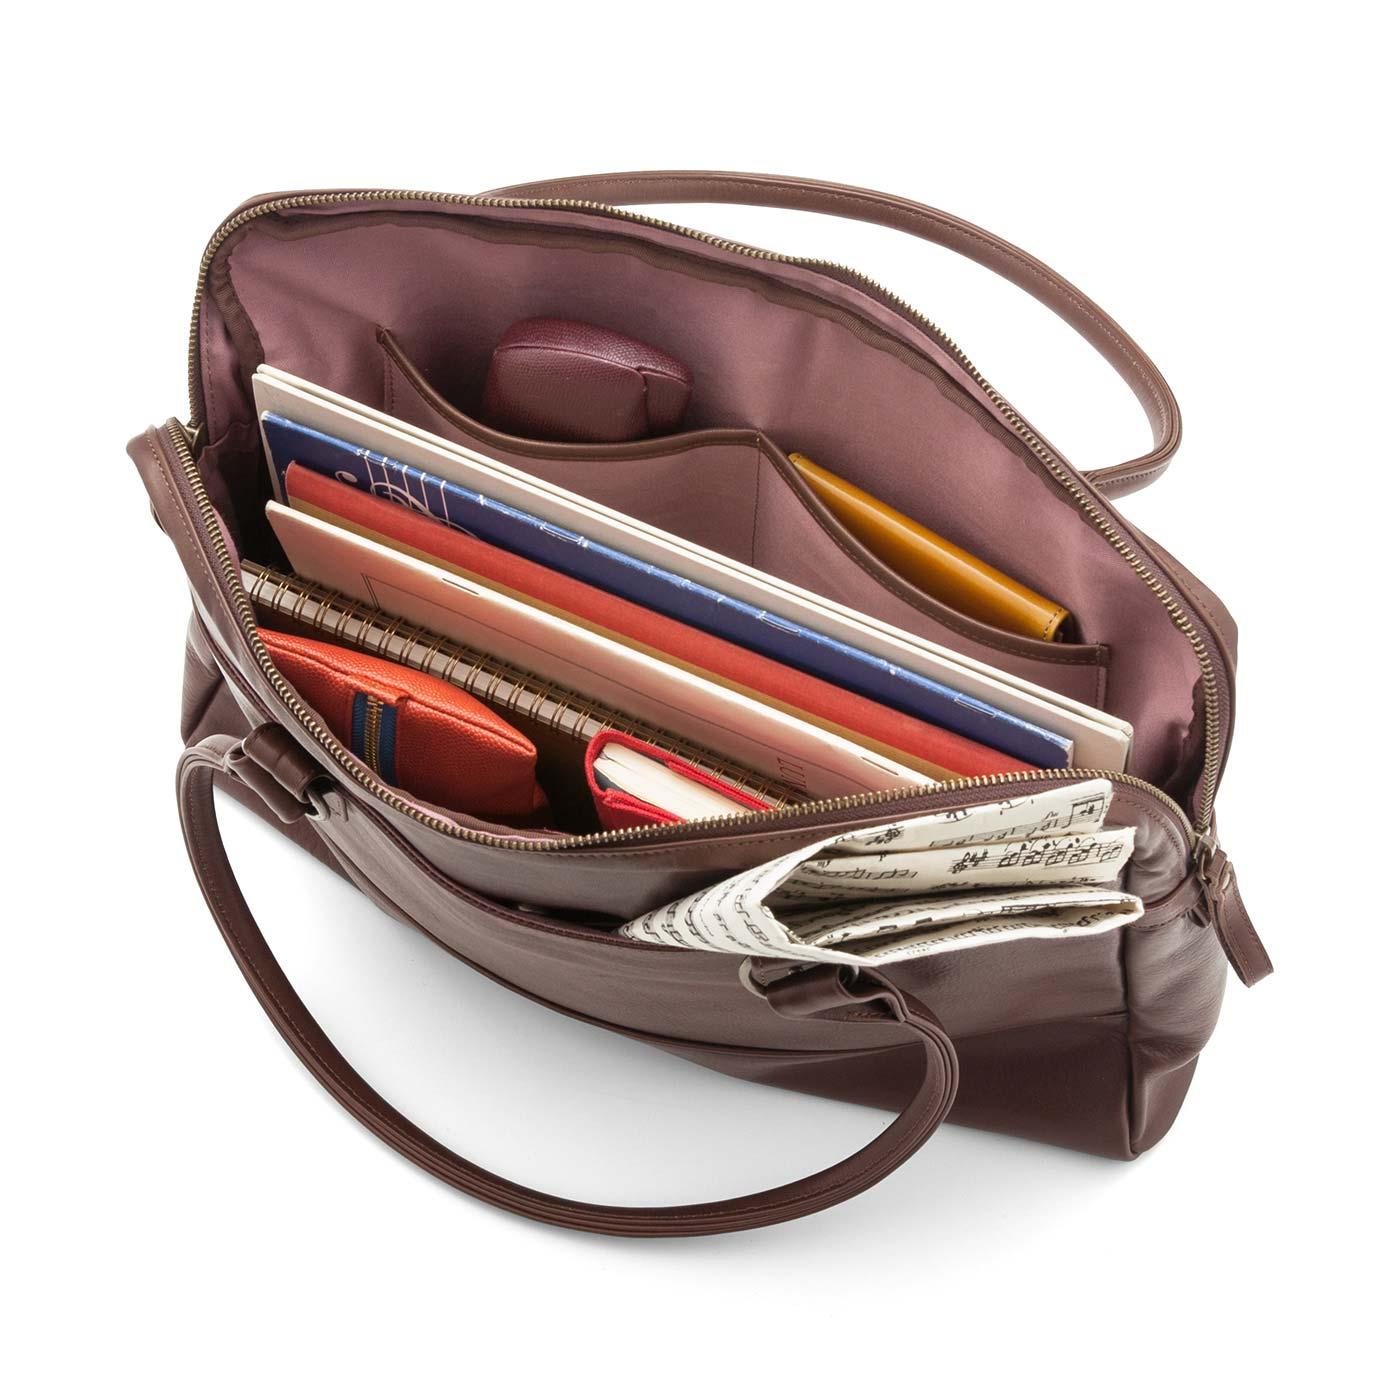 充実のポケットで小物もすっきり。内生地はプラム色でさりげなく華やかに。